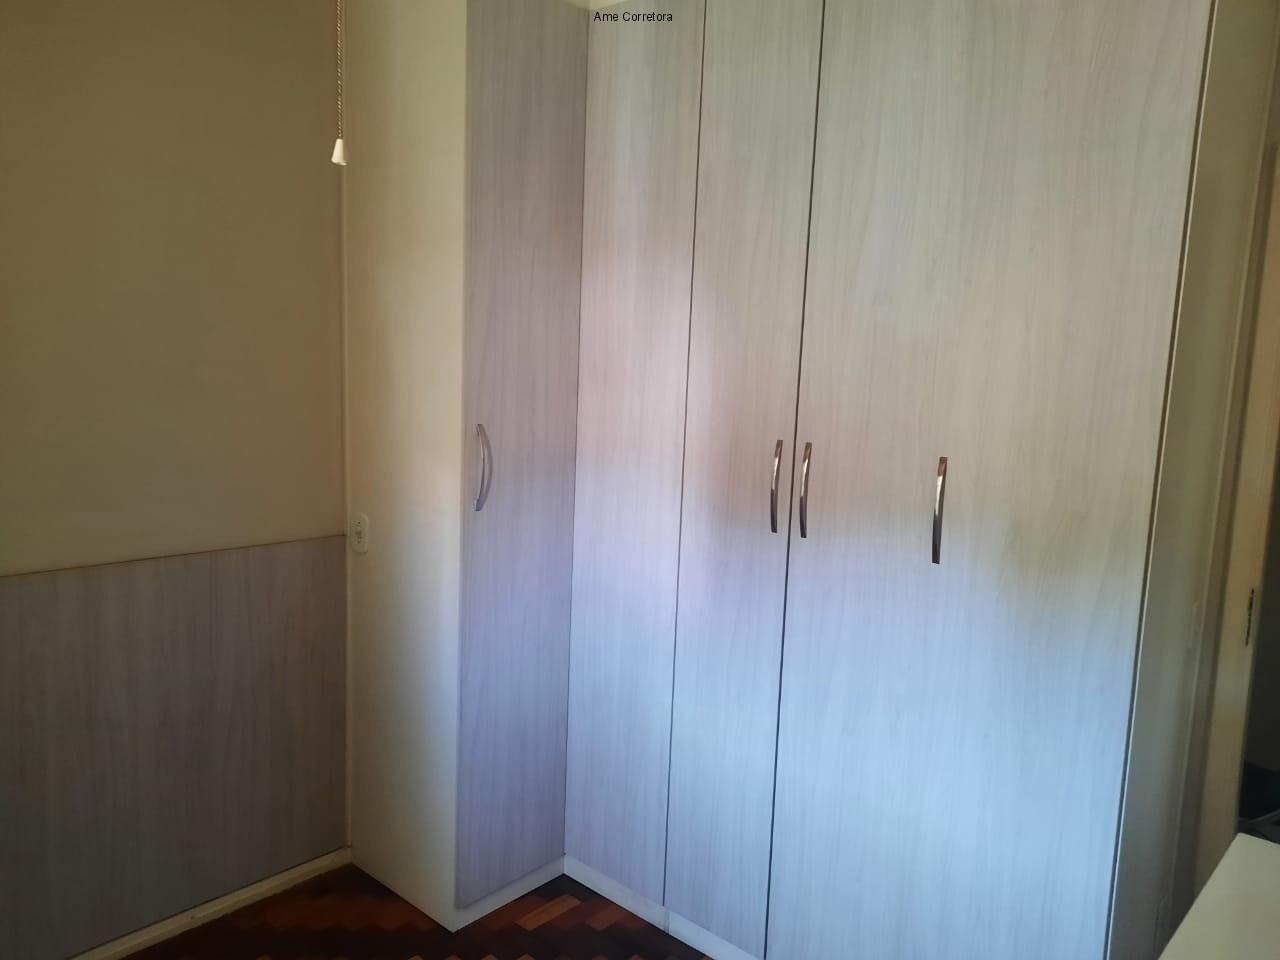 FOTO 08 - Apartamento 3 quartos à venda Rio de Janeiro,RJ - R$ 1.400.000 - AP00410 - 9